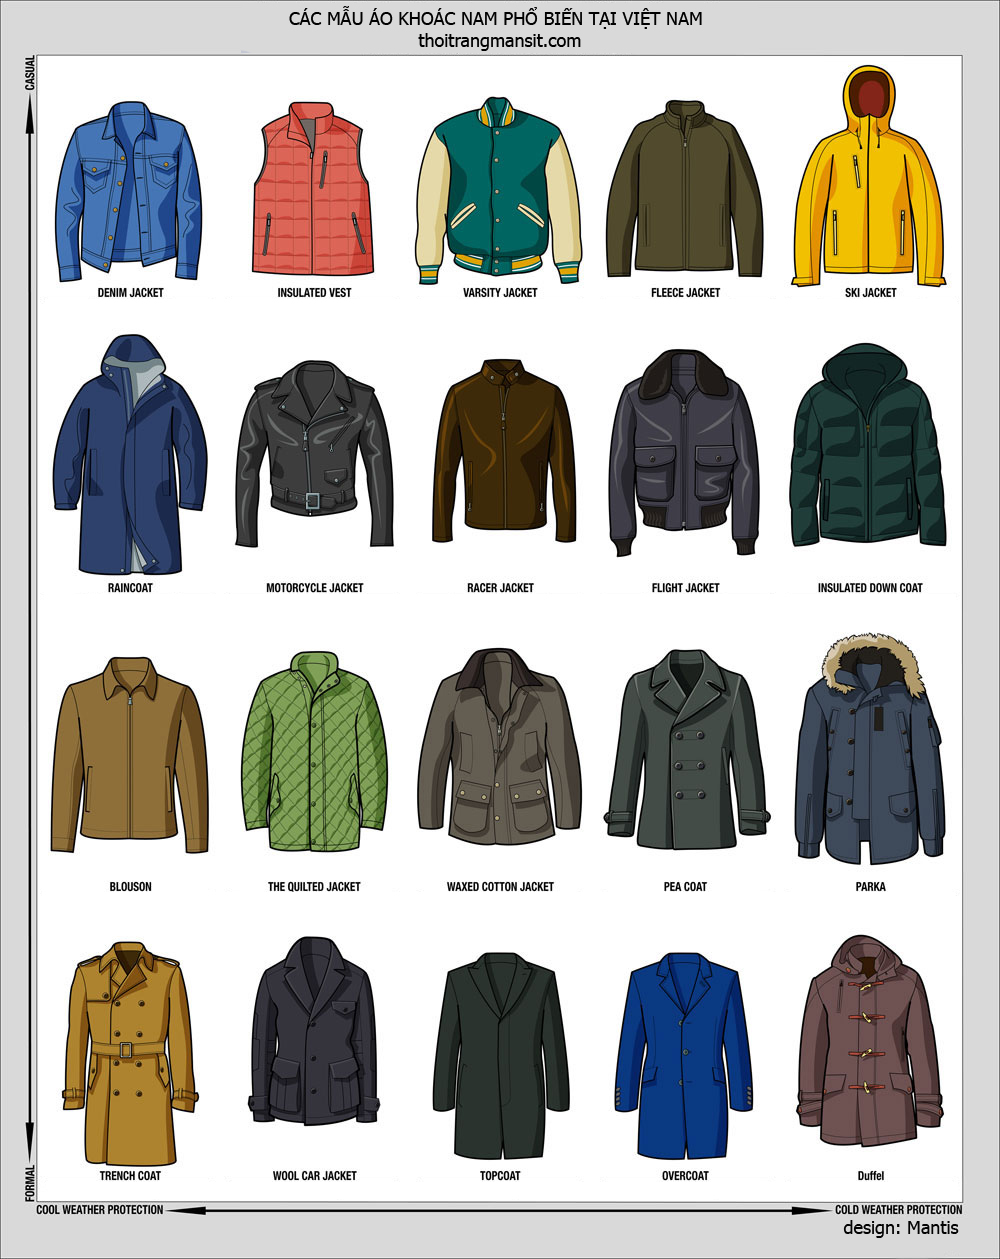 Các mẫu áo khoác phổ biến tại Việt Nam.